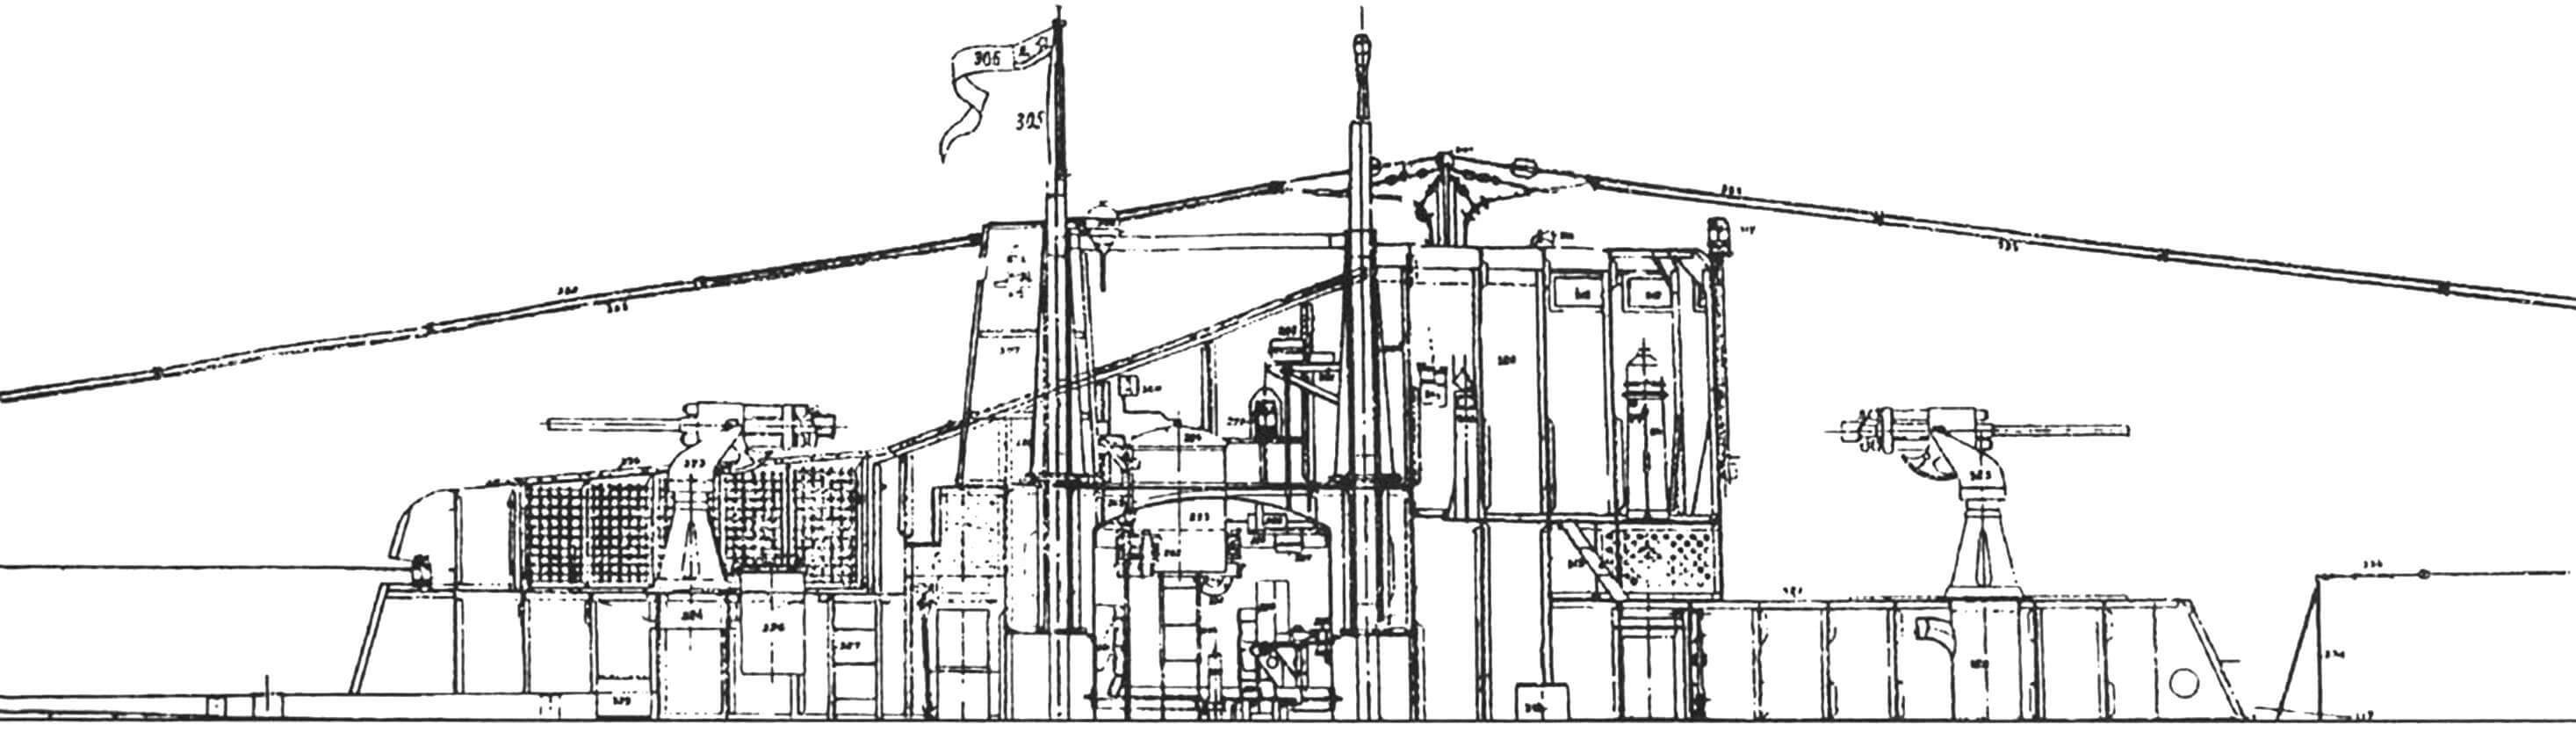 Разрез ограждения рубки подводной лодки V-бис-2 серии. Фрагмент заводского чертежа